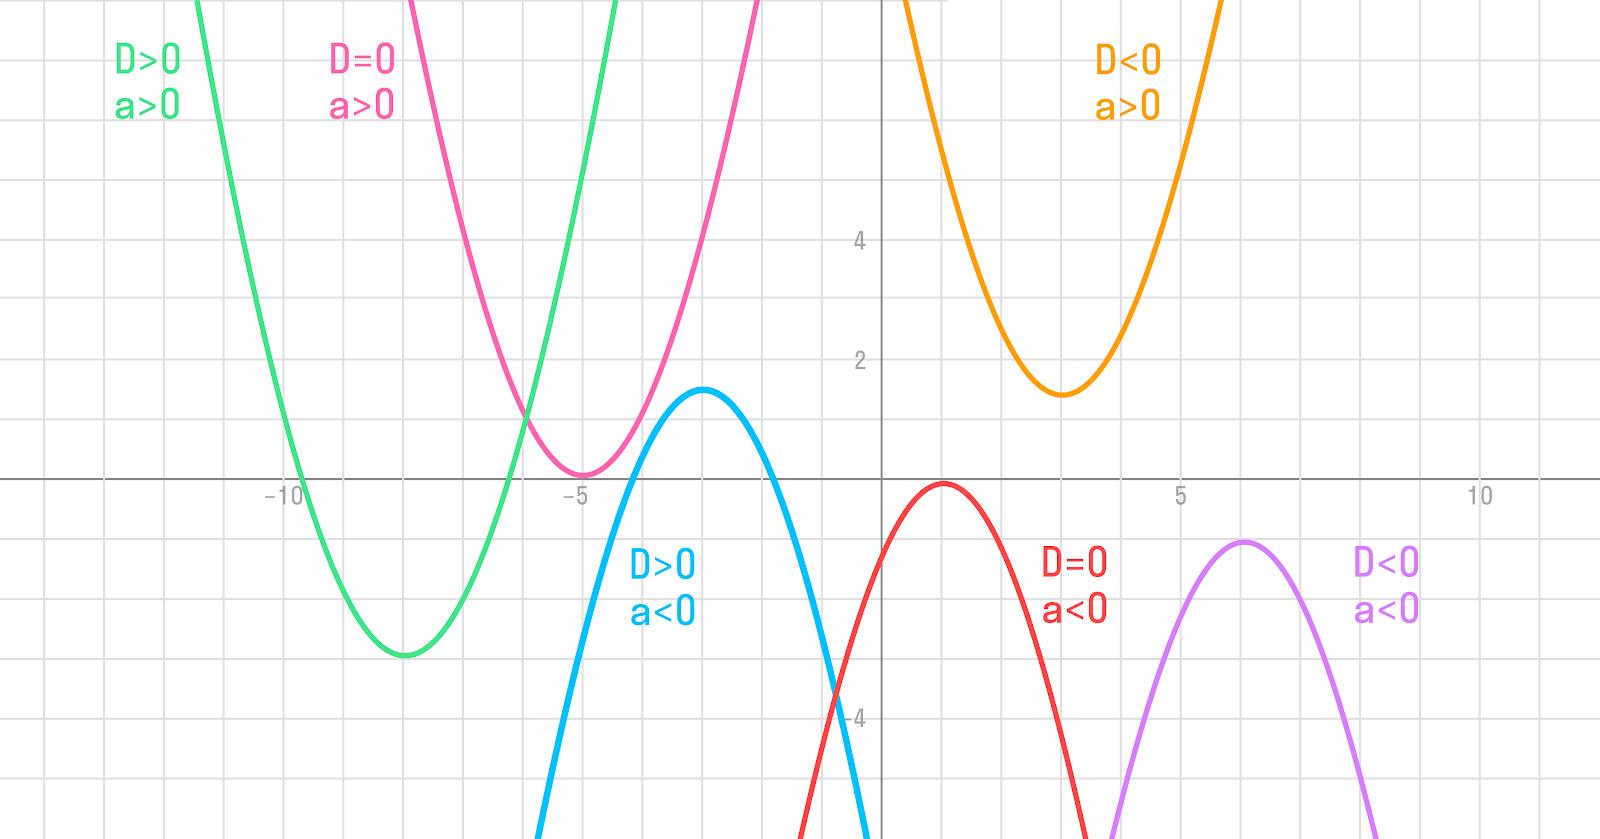 график со всеми разобранными условиями